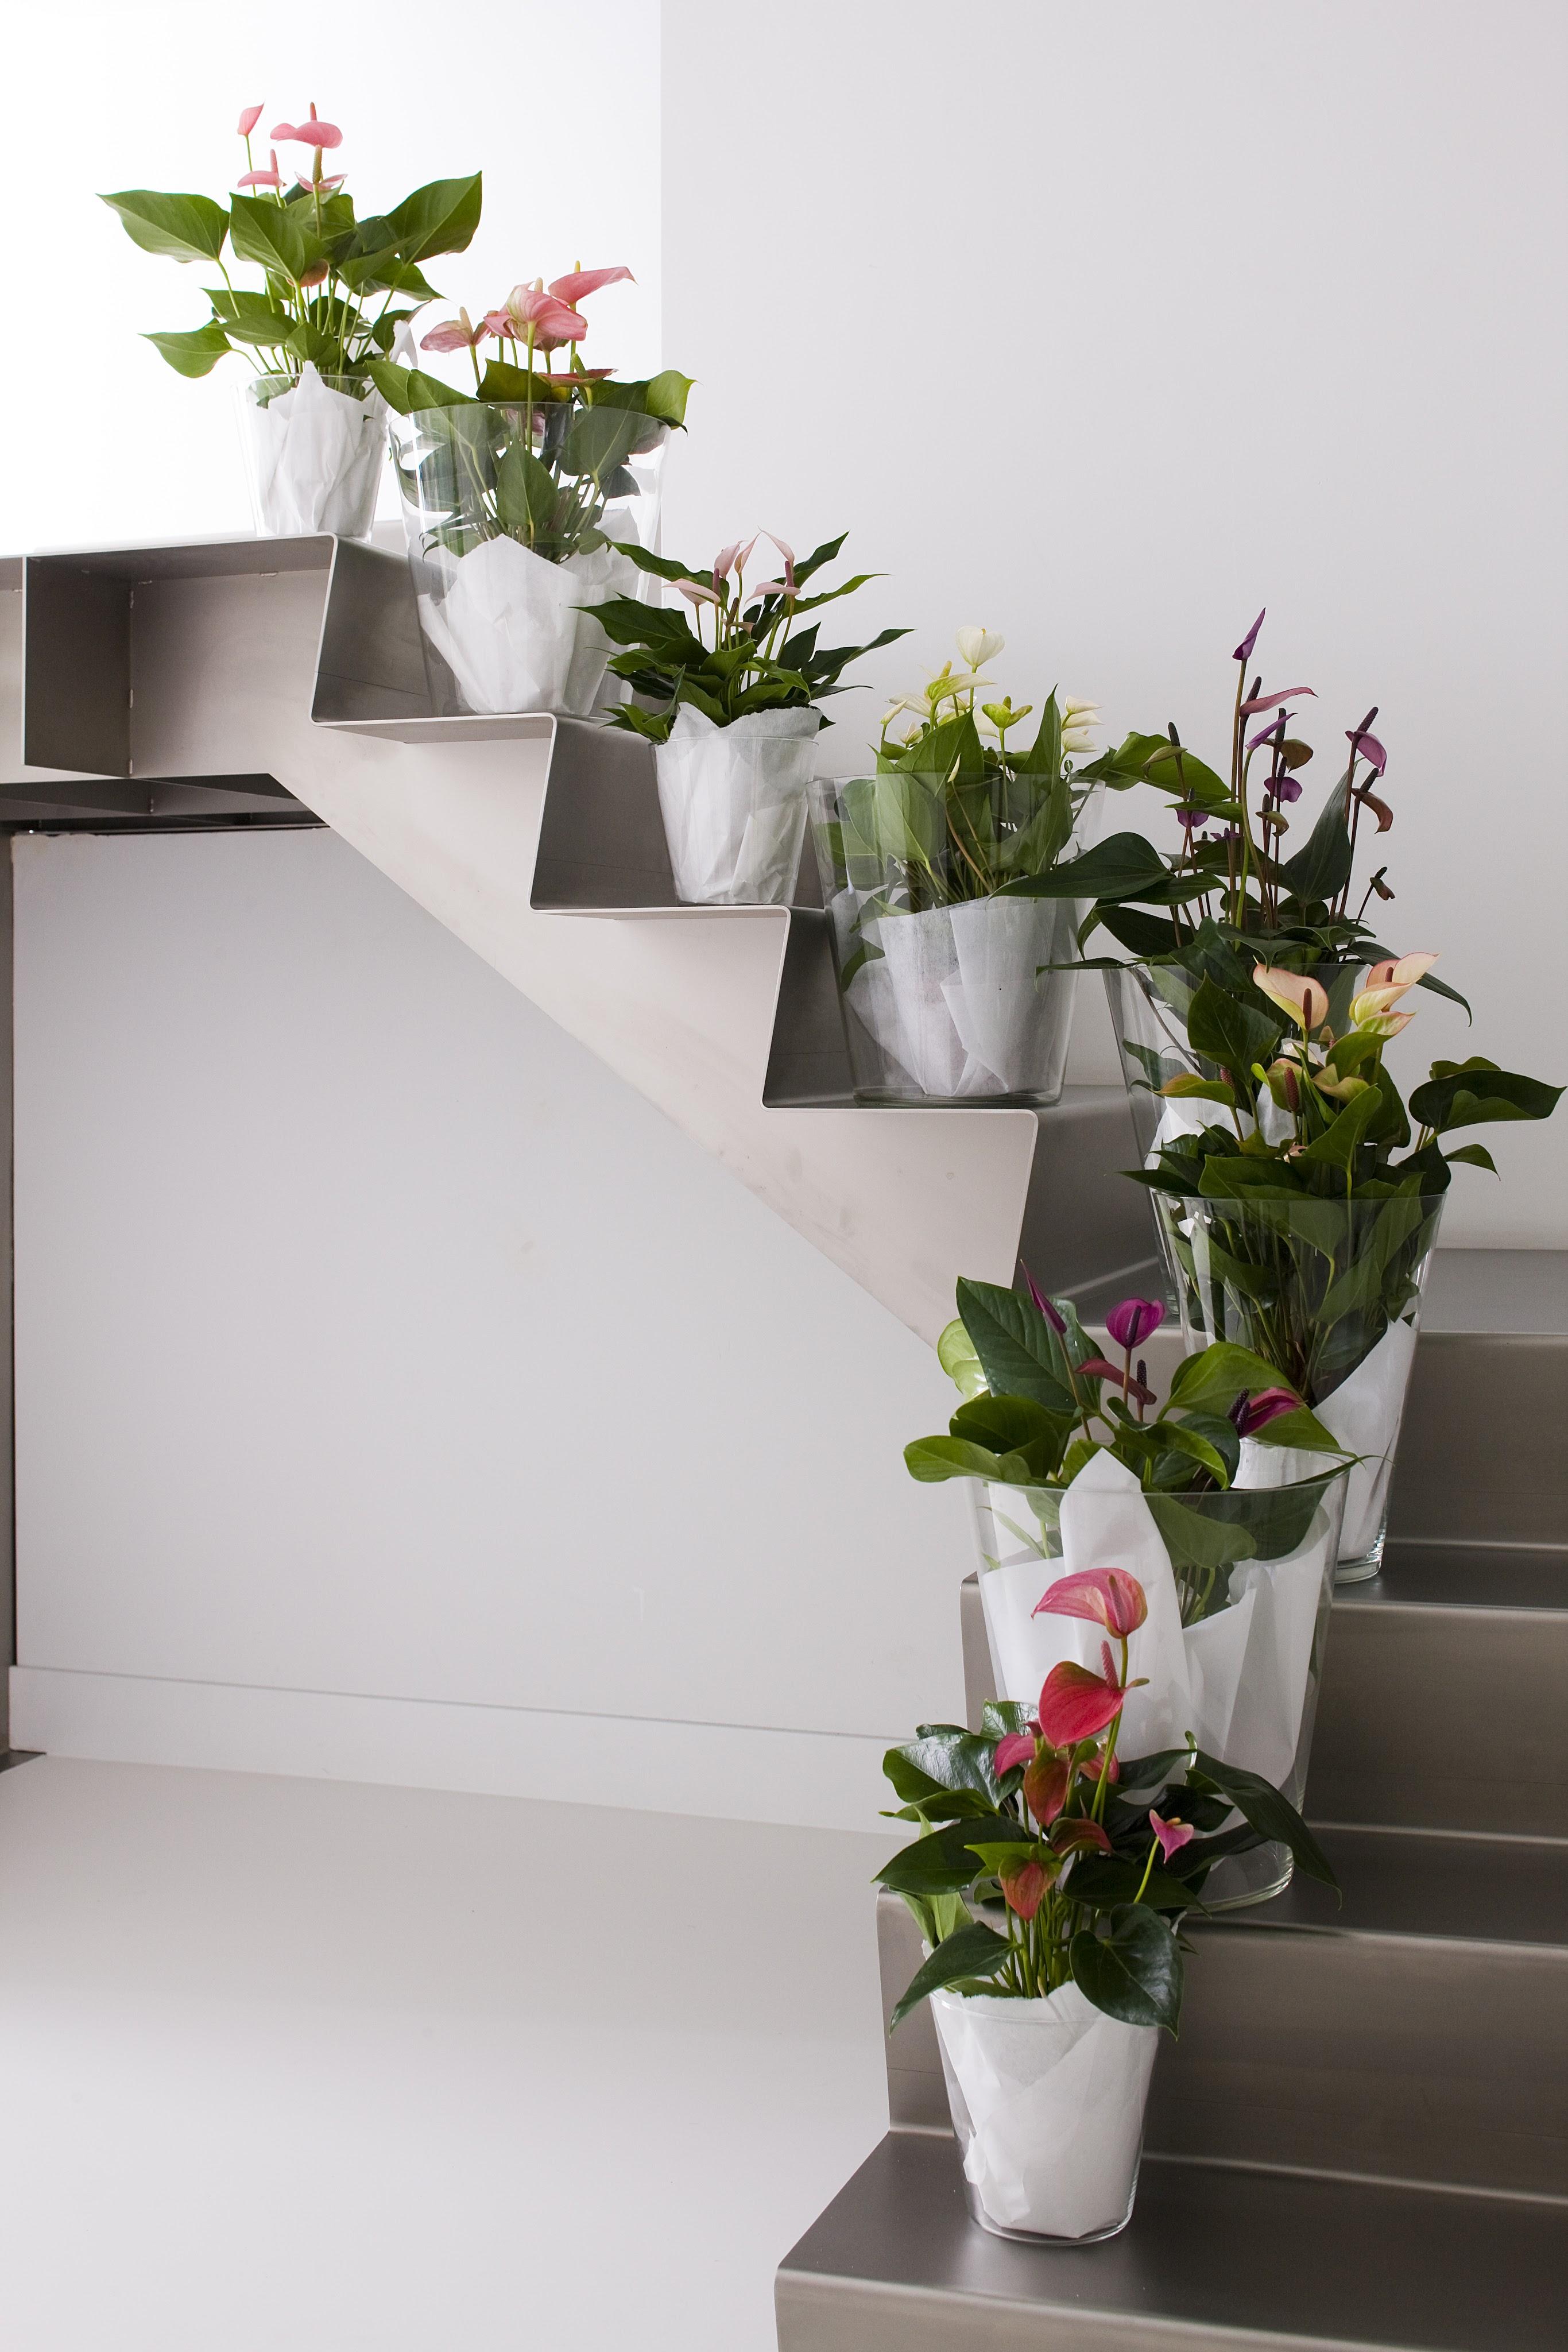 Avec ces plantes, vous ramènerez le printemps dans la maison